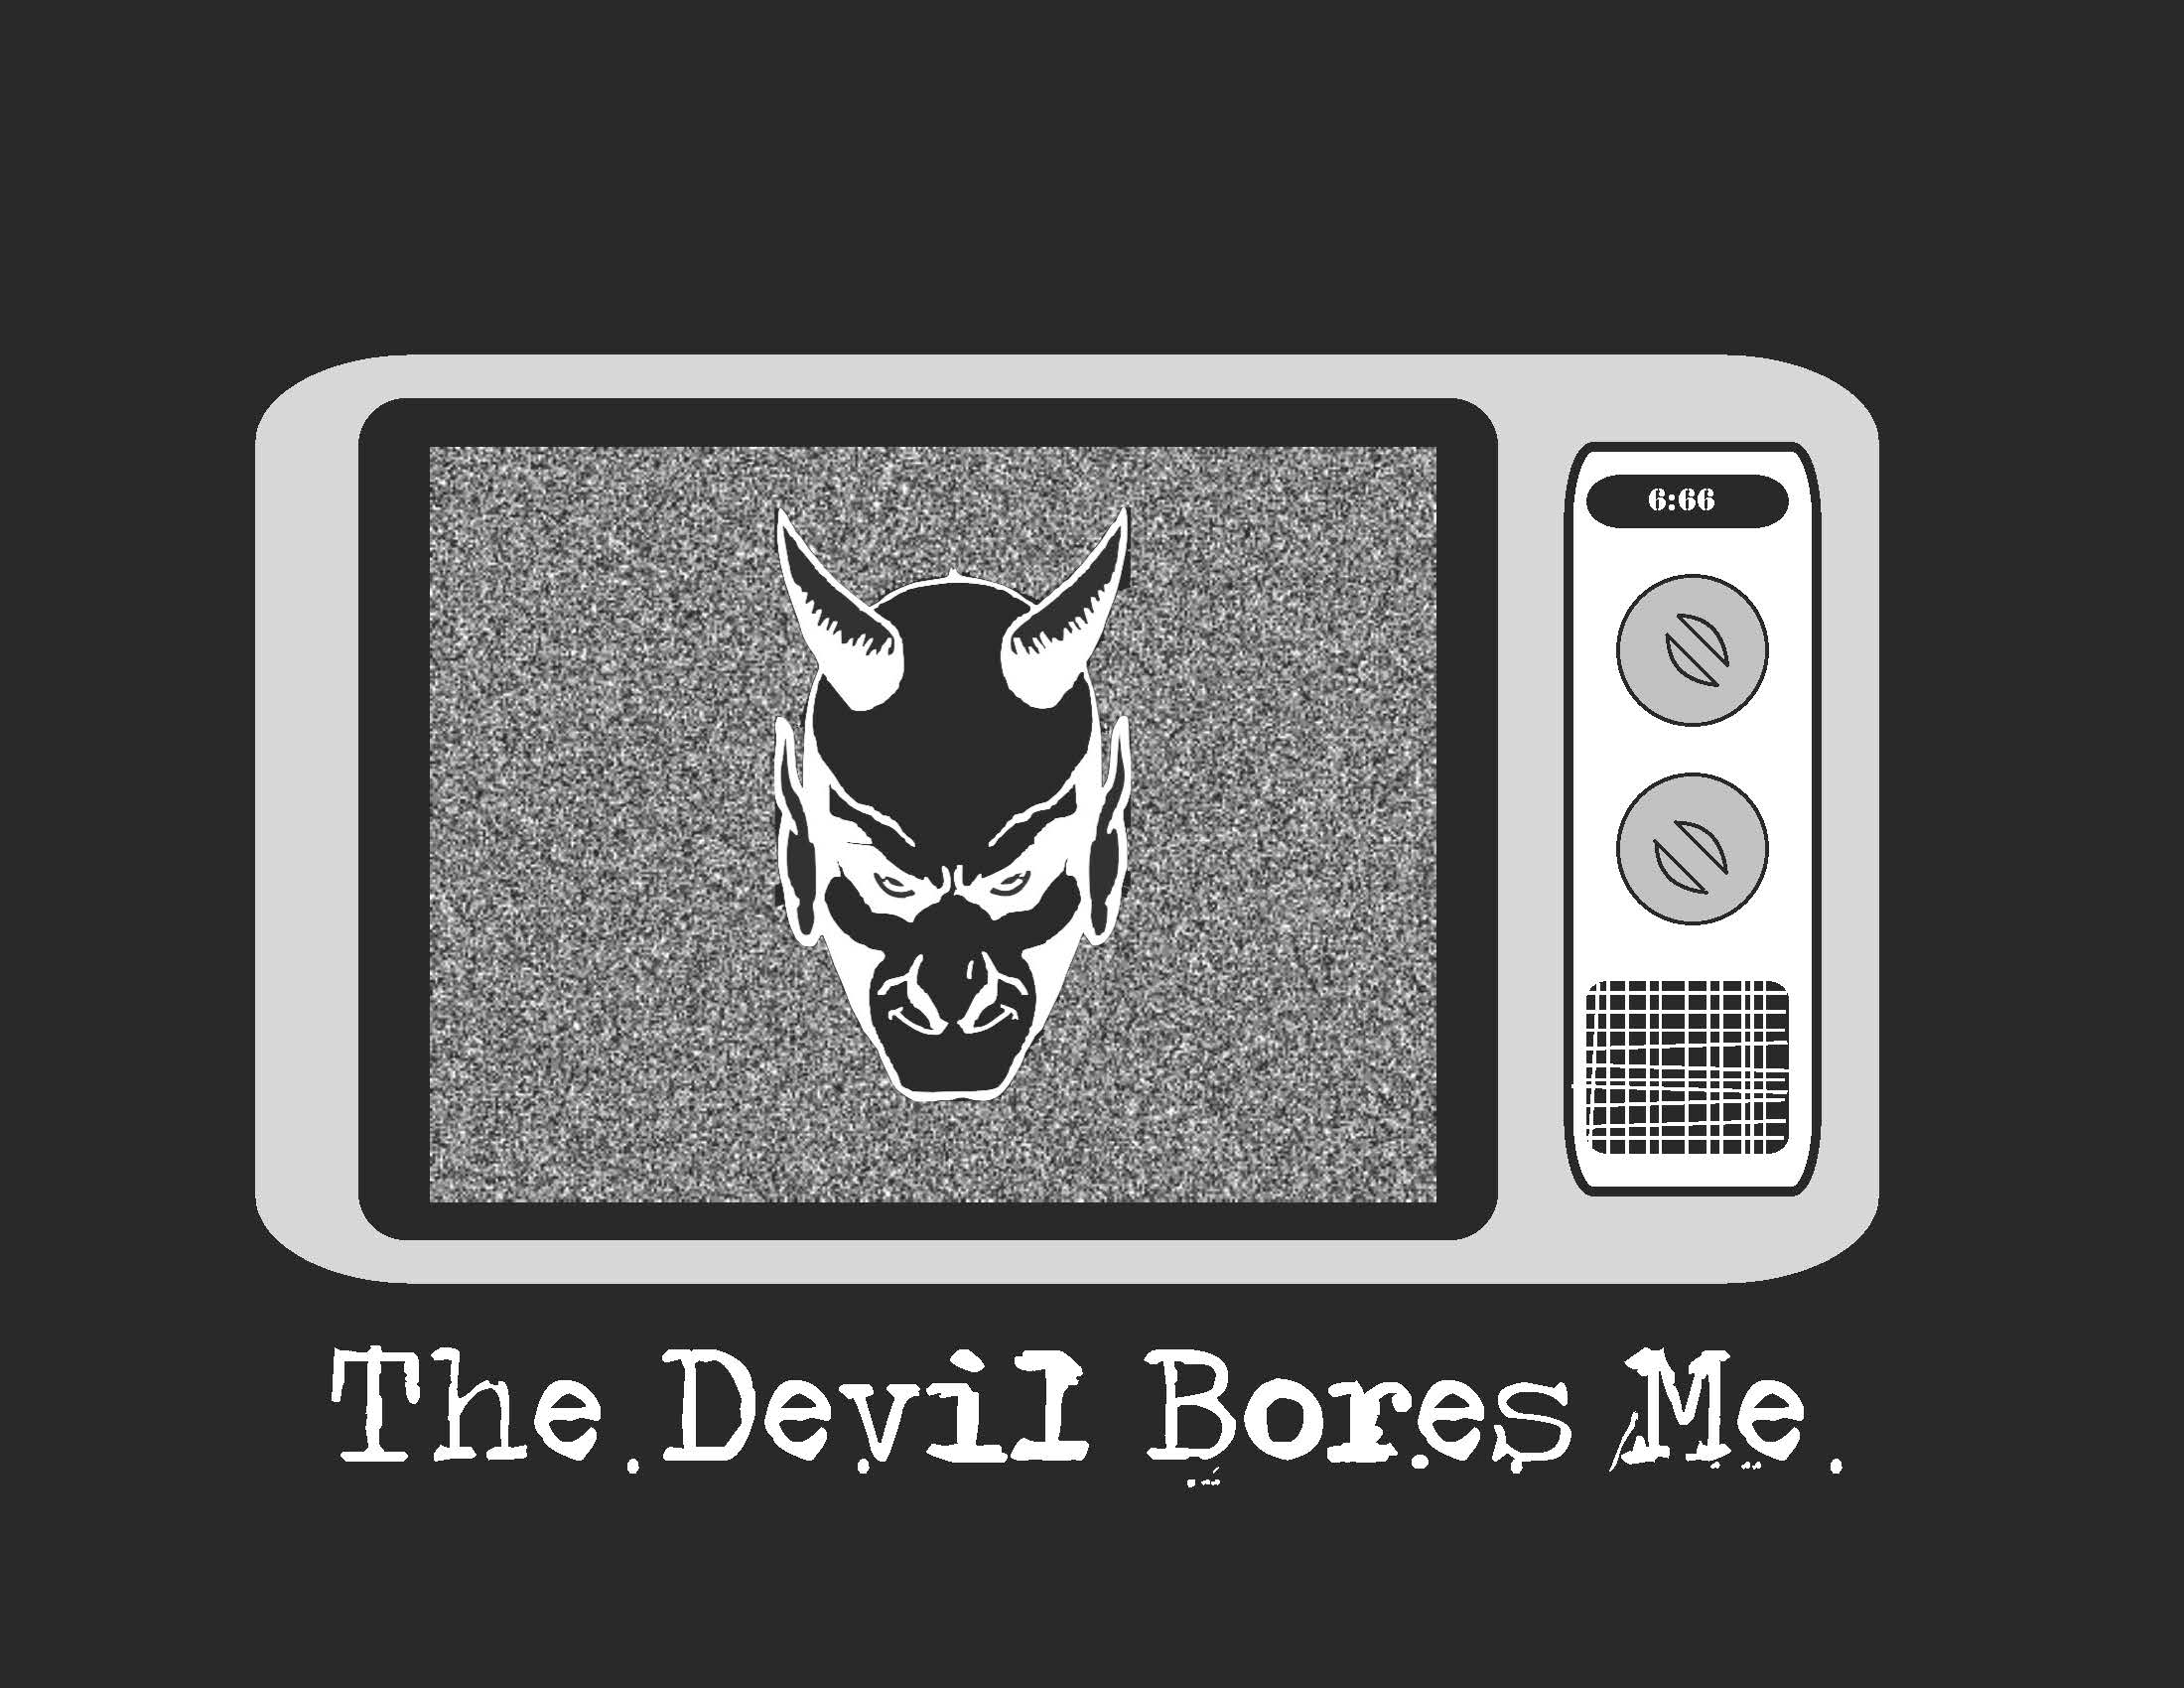 The Devil Bores Me